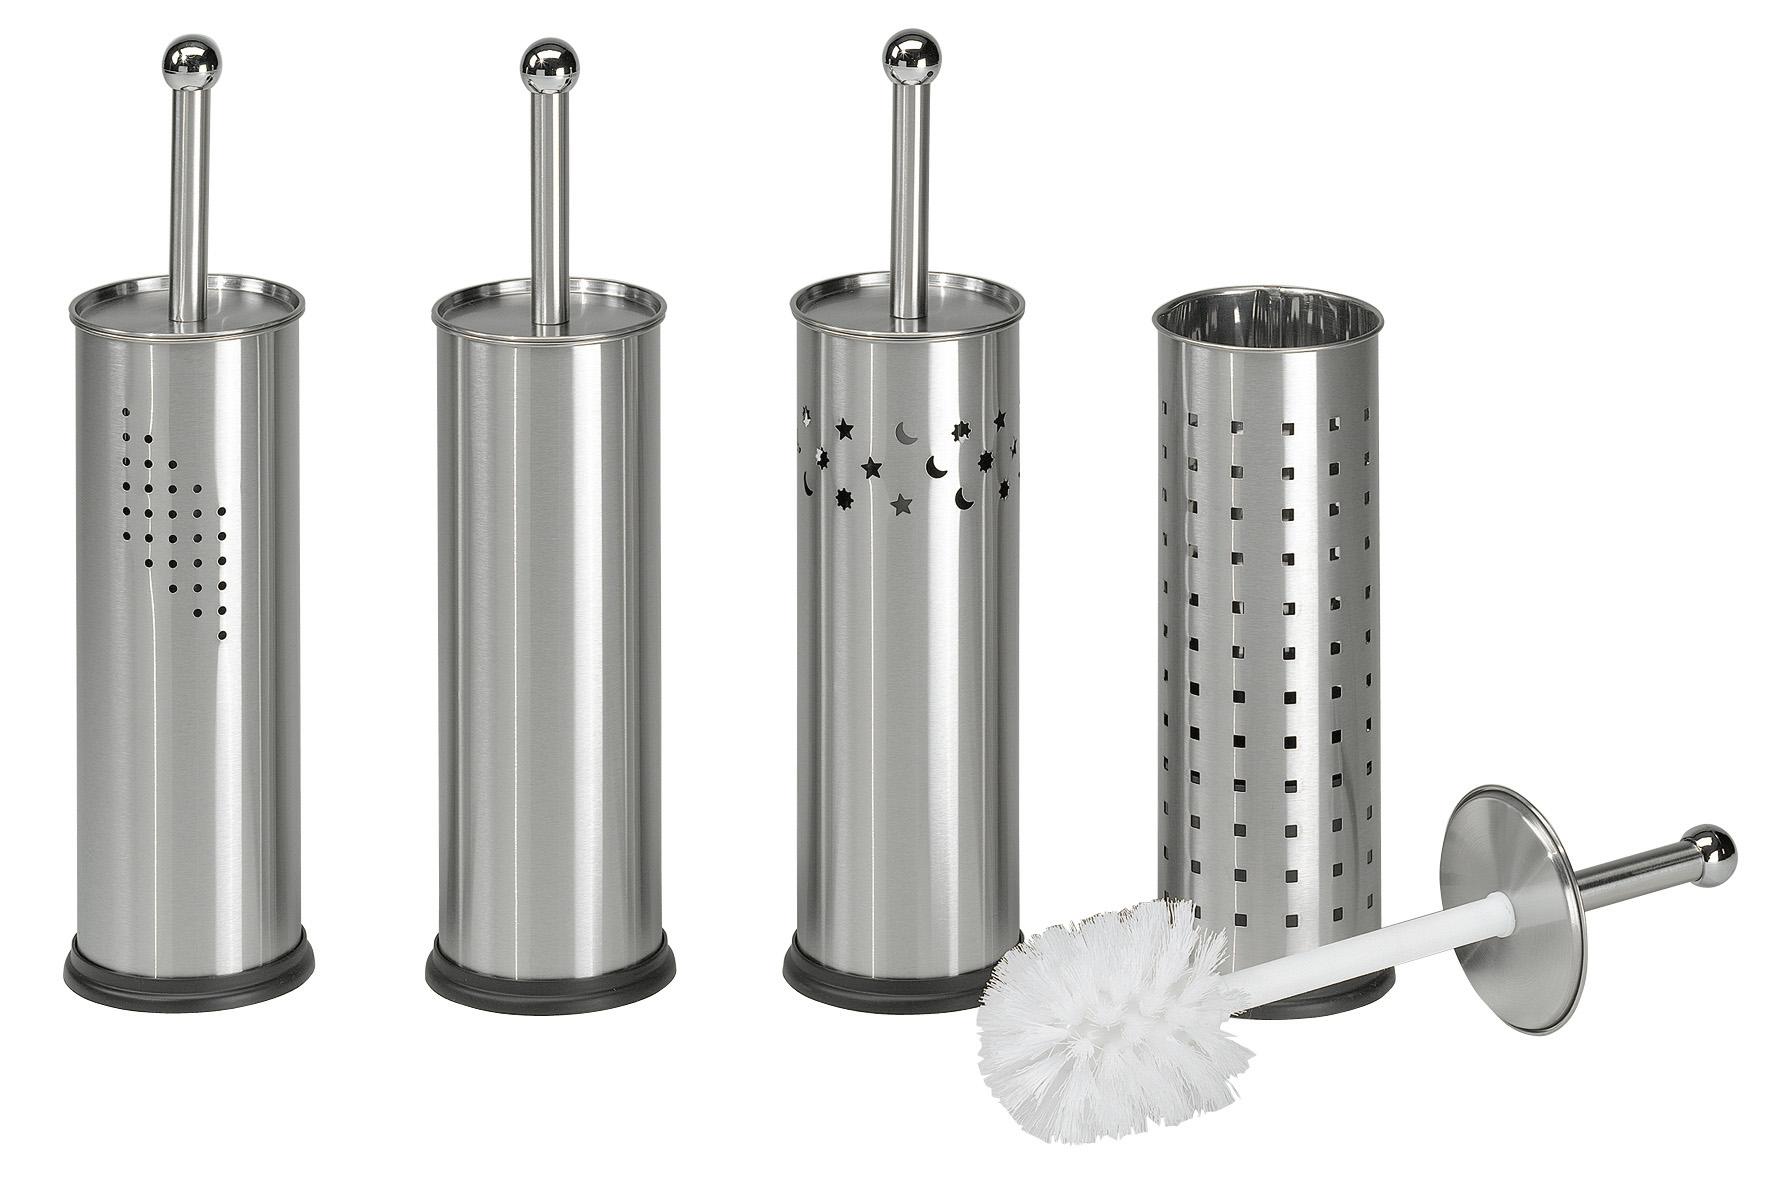 Гарнитур для туалета Axentia, цвет: серебристый120308Ершик для унитаза Axentia выполнен в виде цилиндра из нержавеющей стали в 4-х дизайнах, на ваш вкус, высотой 38 см. Внутри имеется пластиковый стакан для остаточной влаги. Ершик имеет ручку и крышку из нержавеющей стали. Белая щетка оснащена износостойким жестким и густым ворсом, отлично удаляющим загрязнения. Компактен и удобен в использовании. Изготовлен из высококачественных материалов, позволяющих прослужить изделию долгие годы.